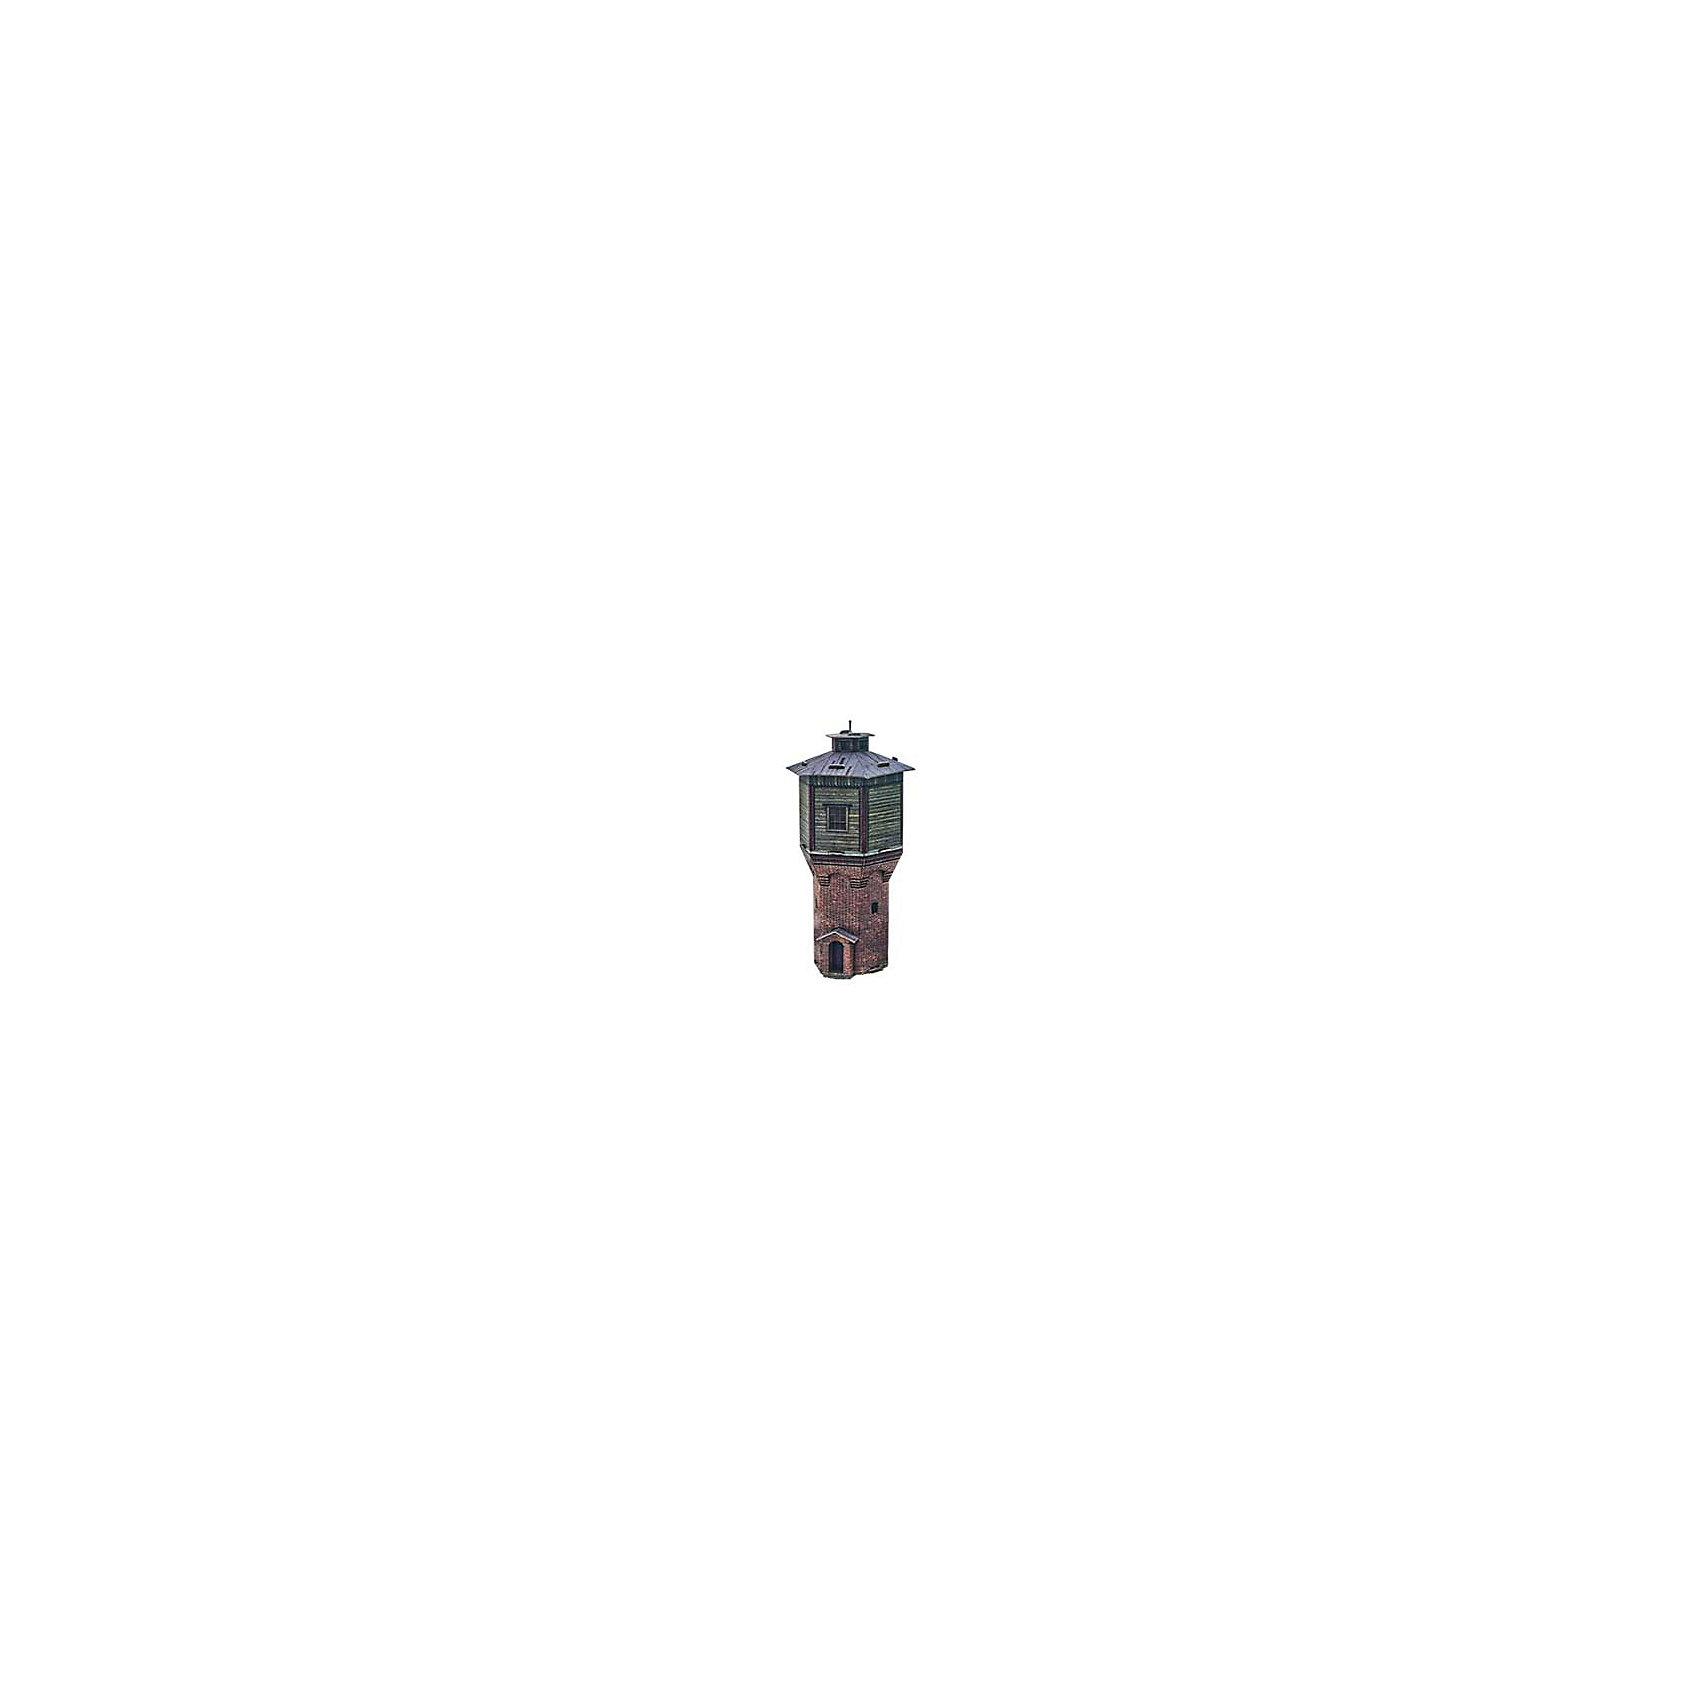 Сборная модель Водонапорная башняМодели из картона и бумаги<br>Водонапорная башня - cборная модель из картона. Серия: Масштабные модели. Размер упаковки, мм.:  высота 242 ширина 173 глубина 2. Тип упаковки: Картонная коробка. Вес, гр.: 75. Возраст: от 9 лет. Все модели и игрушки, созданные по технологии УМНАЯ БУМАГА собираются без ножниц и клея, что является их неповторимой особенностью.<br>Принцип соединения деталей запатентован. Соединения деталей продуманы и просчитаны с такой точностью, что при правильной сборке с моделью можно играть, как с обычной игрушкой.<br><br>Ширина мм: 173<br>Глубина мм: 2<br>Высота мм: 242<br>Вес г: 75<br>Возраст от месяцев: 108<br>Возраст до месяцев: 2147483647<br>Пол: Унисекс<br>Возраст: Детский<br>SKU: 4807406